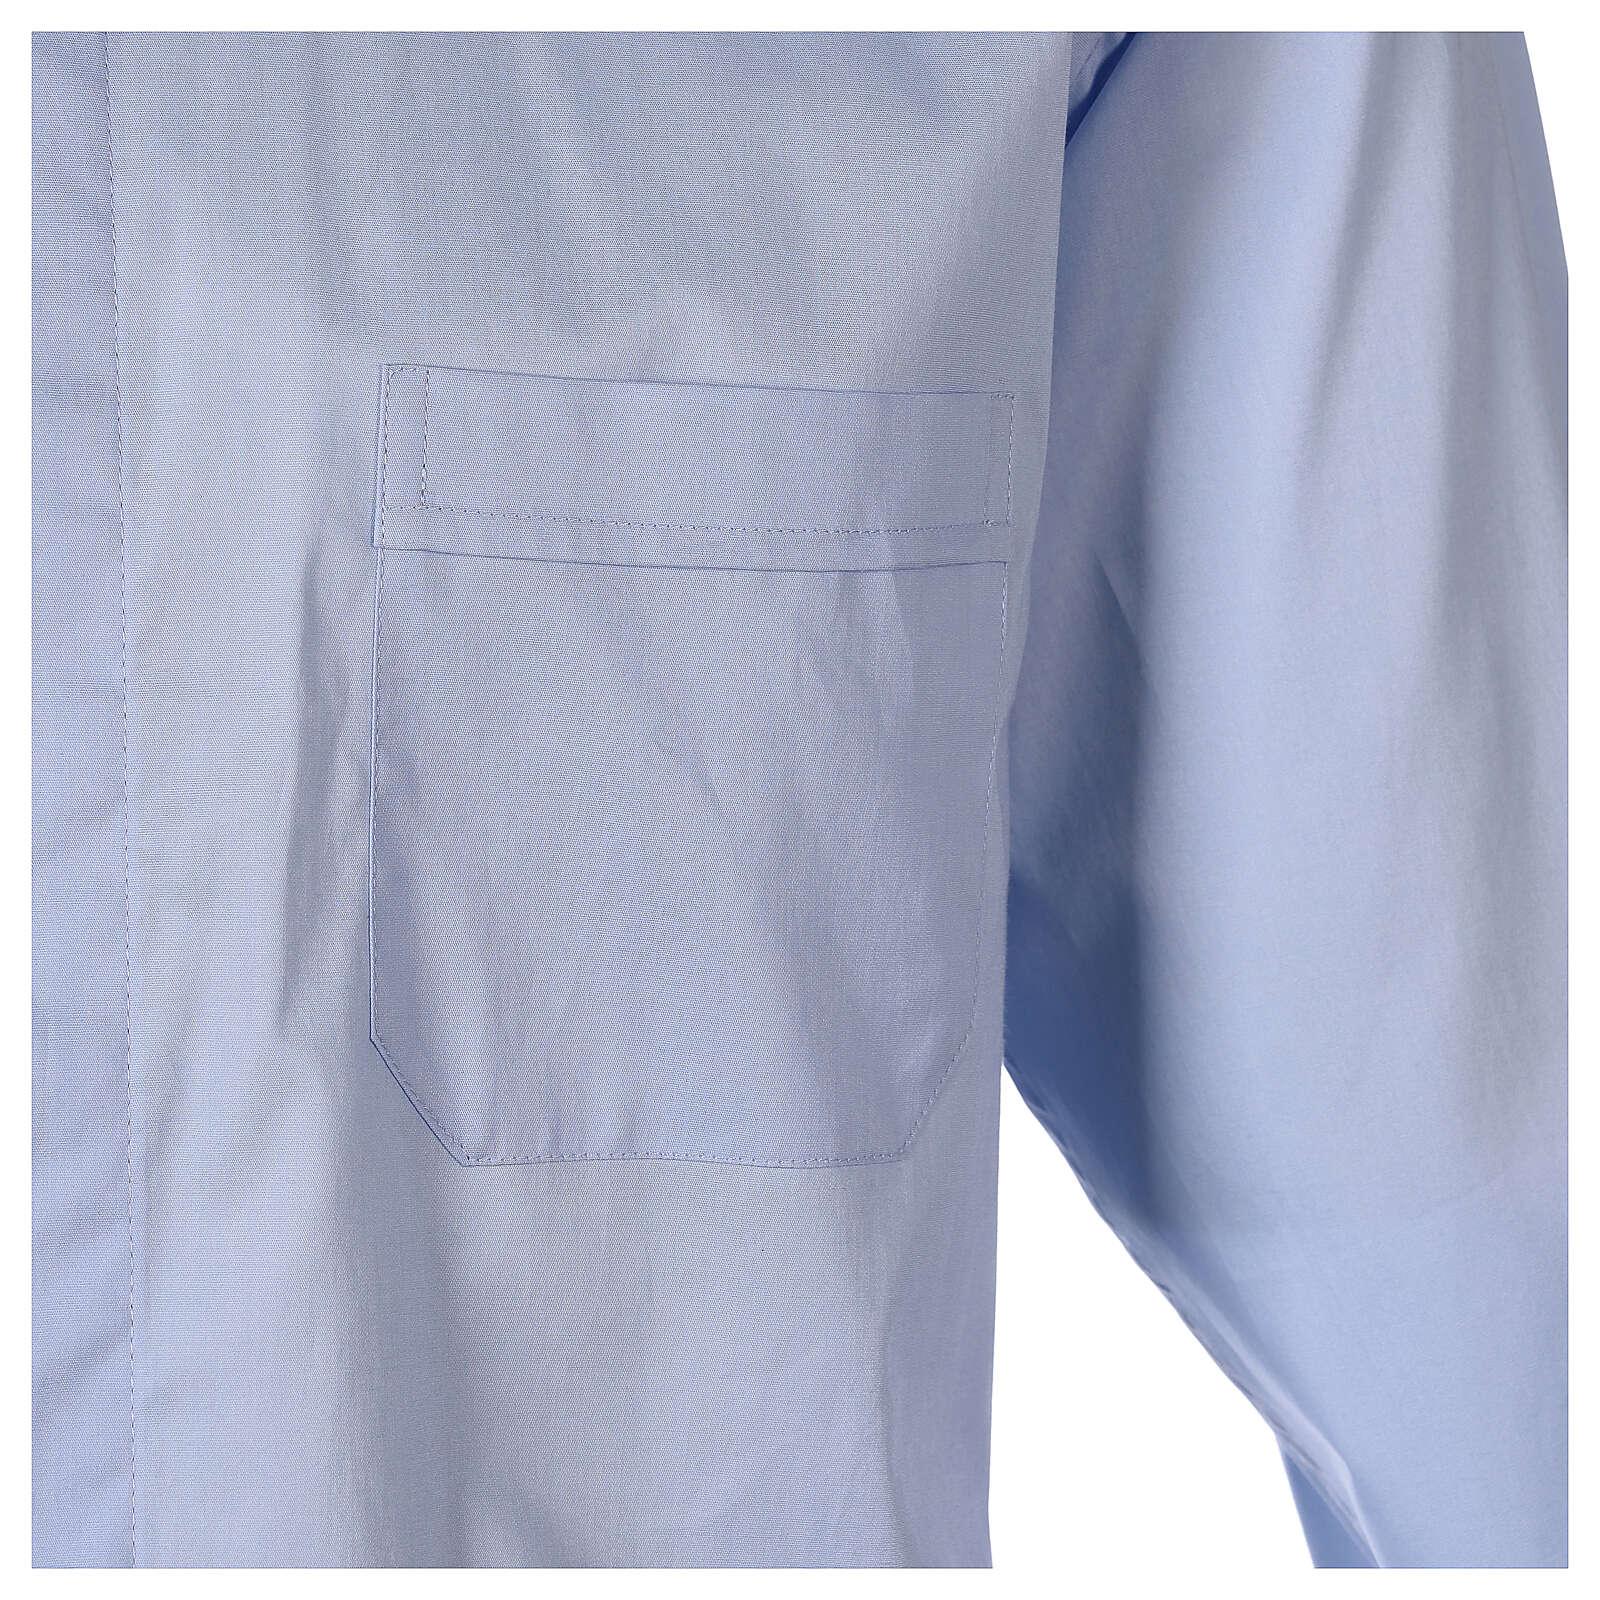 Camicia clergy In Primis elasticizzata cotone m. lunga celeste 4